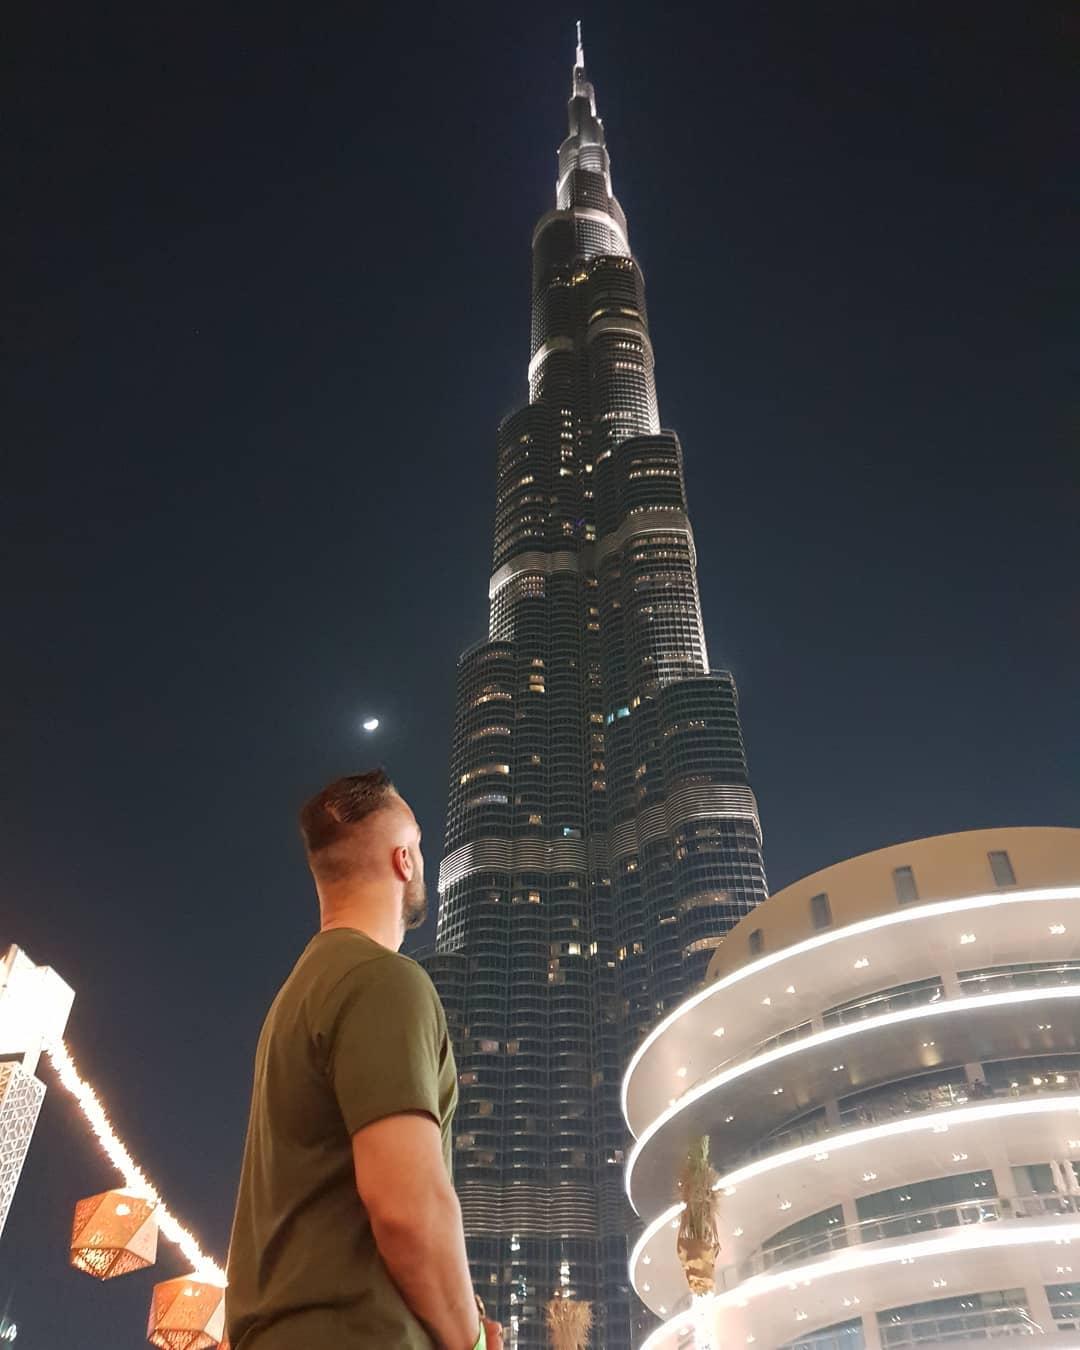 Einfach nur heftig, geil, beeindruckend… und das Gebäude im Hintergrund ist auch ganz nice 😉 . #dubai #burjkhalifa #828m #amazing #incredible #biggerisbetter #like #bosscock #moon #vae #uae #night #instagood #instalike #igers #followme #trip #arabic #emirates